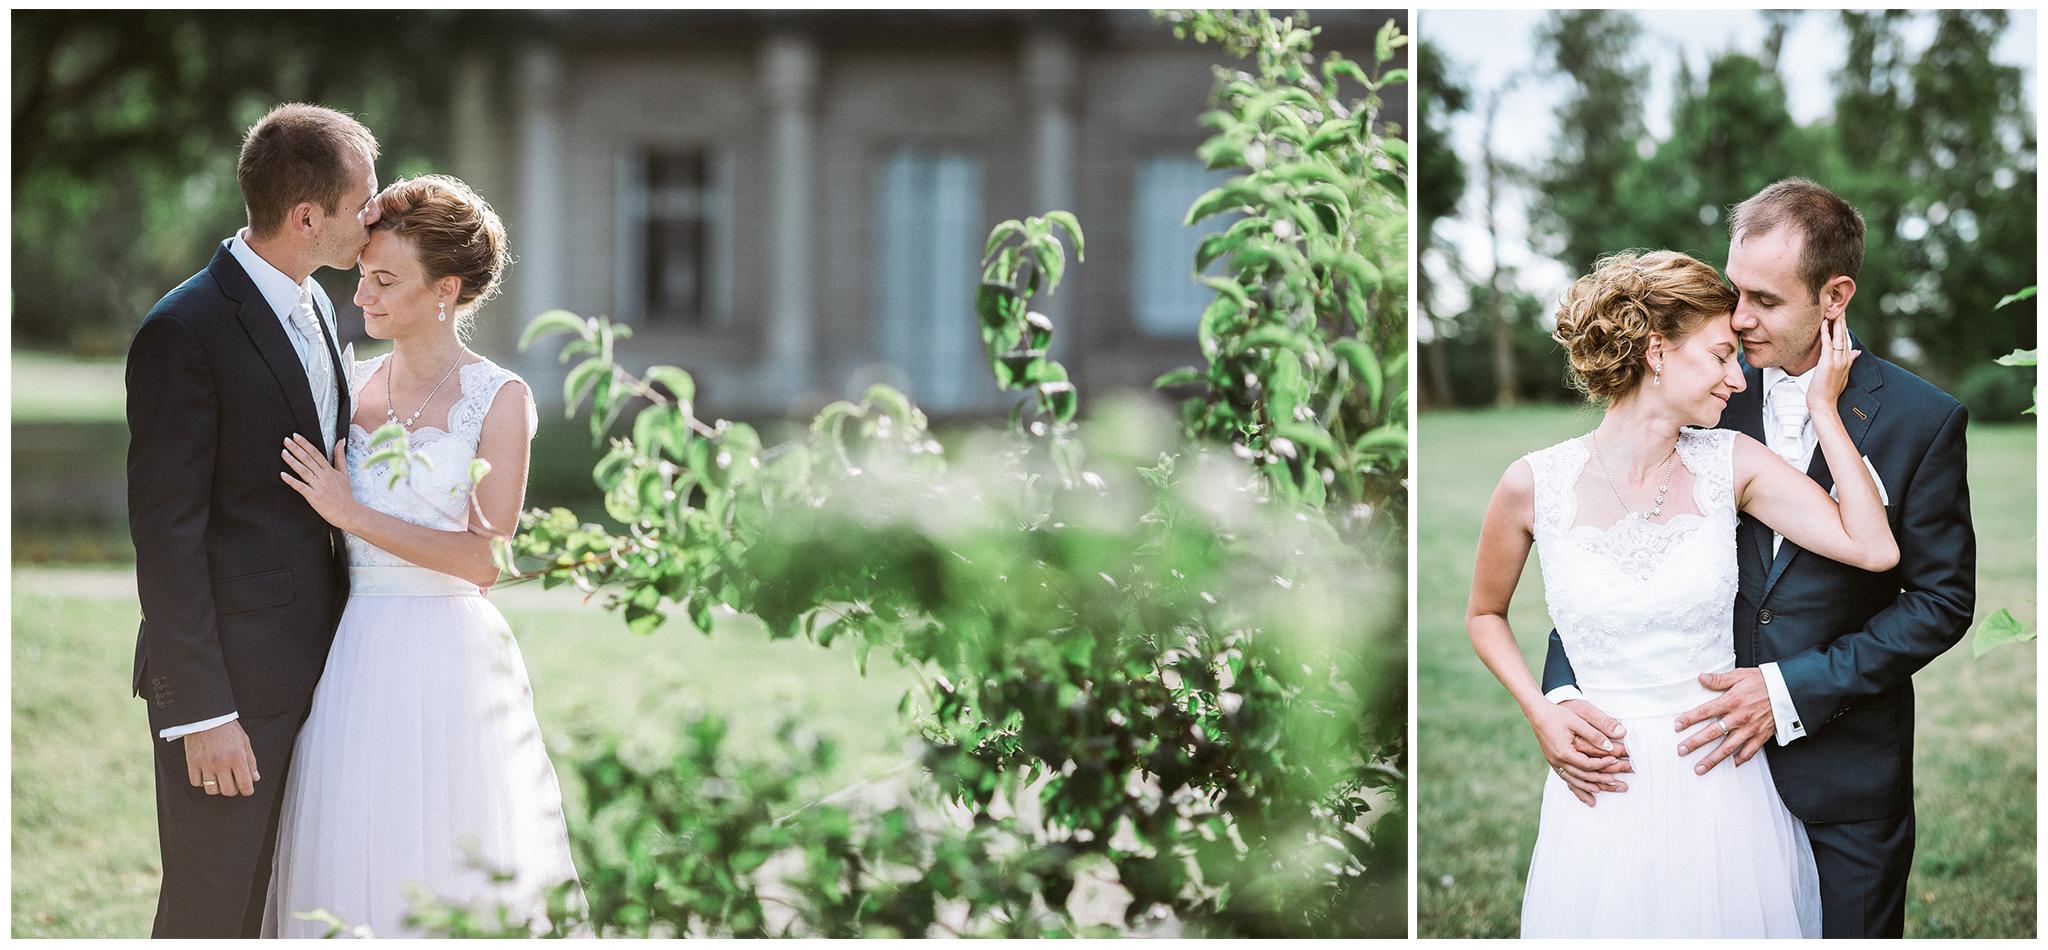 FylepPhoto, esküvőfotós, esküvői fotós Körmend, Szombathely, esküvőfotózás, magyarország, vas megye, prémium, jegyesfotózás, Fülöp Péter, körmend, kreatív, fotográfus_06.jpg